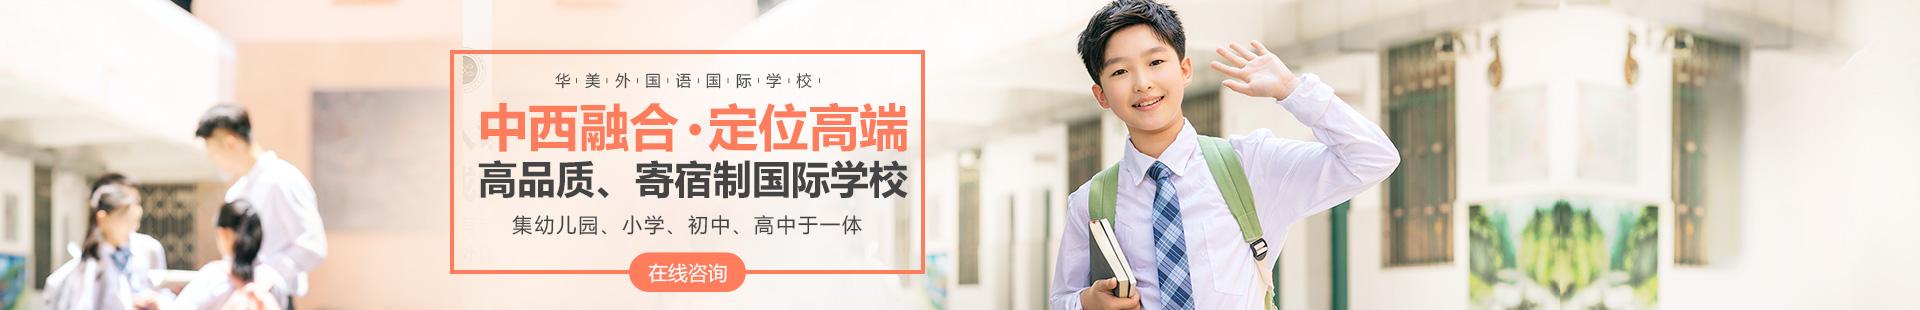 深圳华美外国语学校